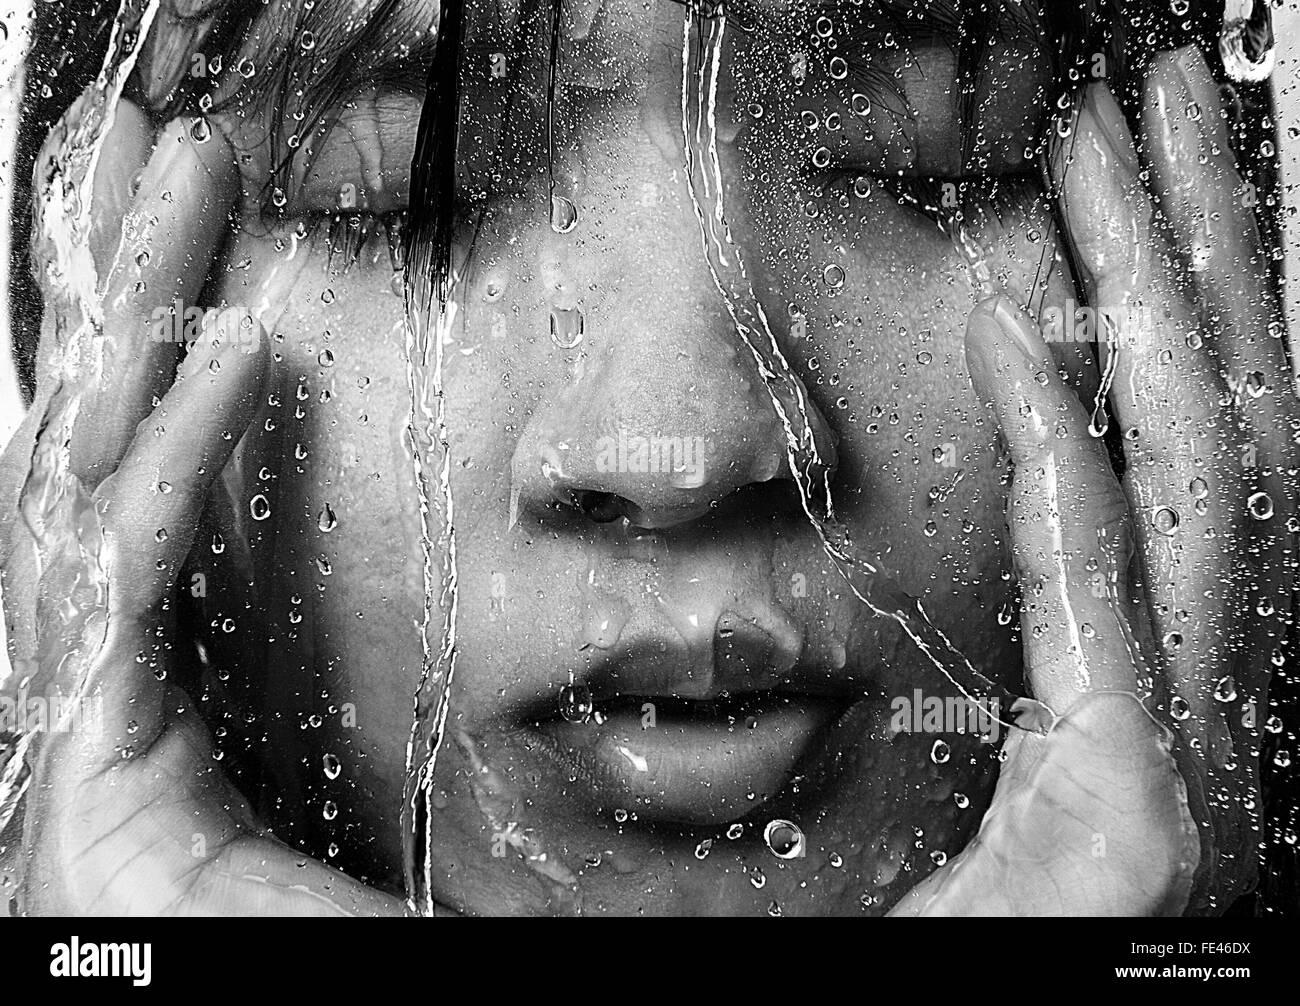 Donna in doccia visto attraverso il vetro bagnato Immagini Stock